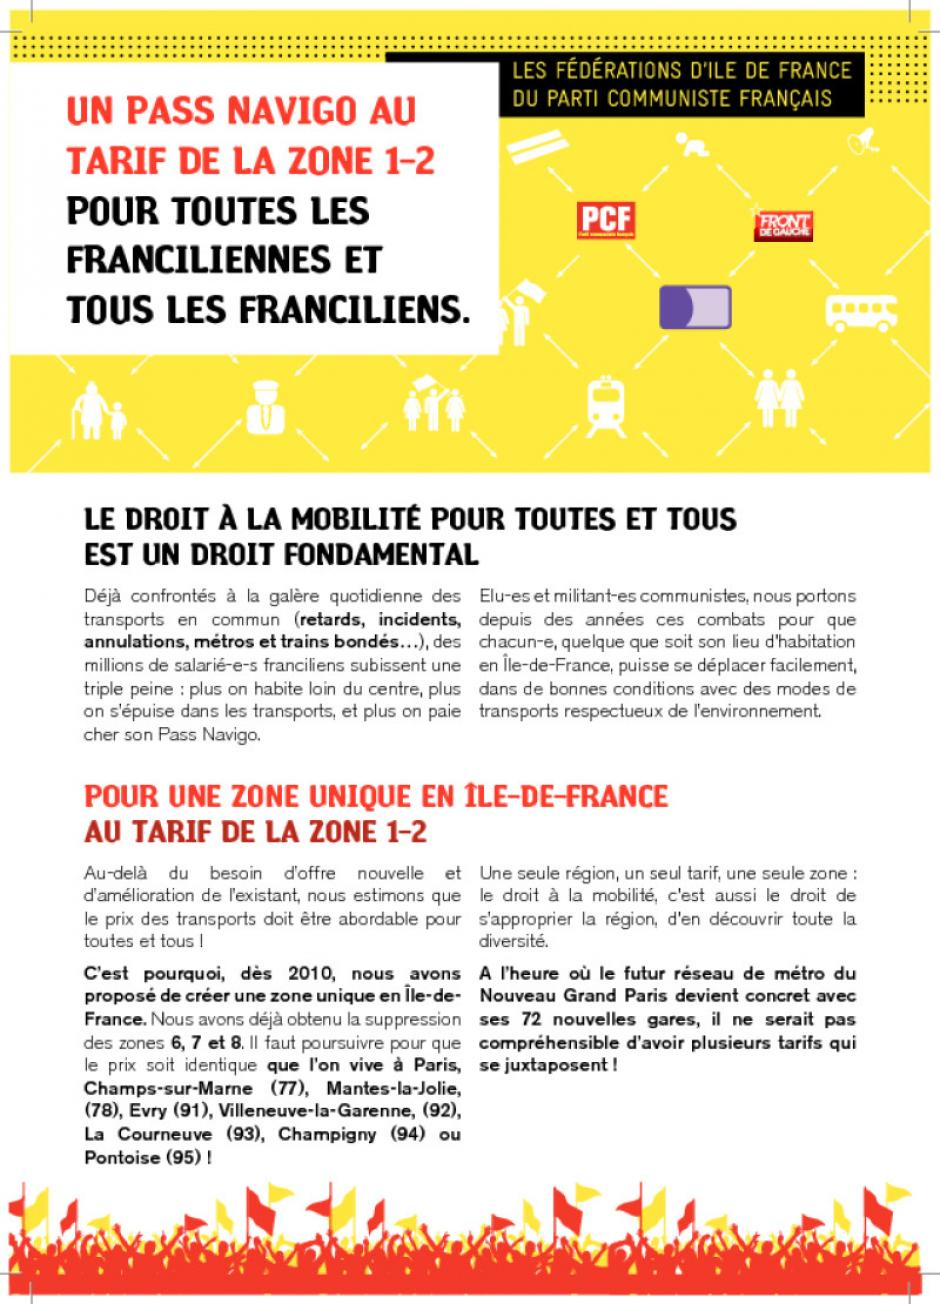 UN PASS NAVIGO AU TARIF DE LA ZONE 1-2 POUR TOUTES LES FRANCILIENNES ET TOUS LES FRANCILIENS.